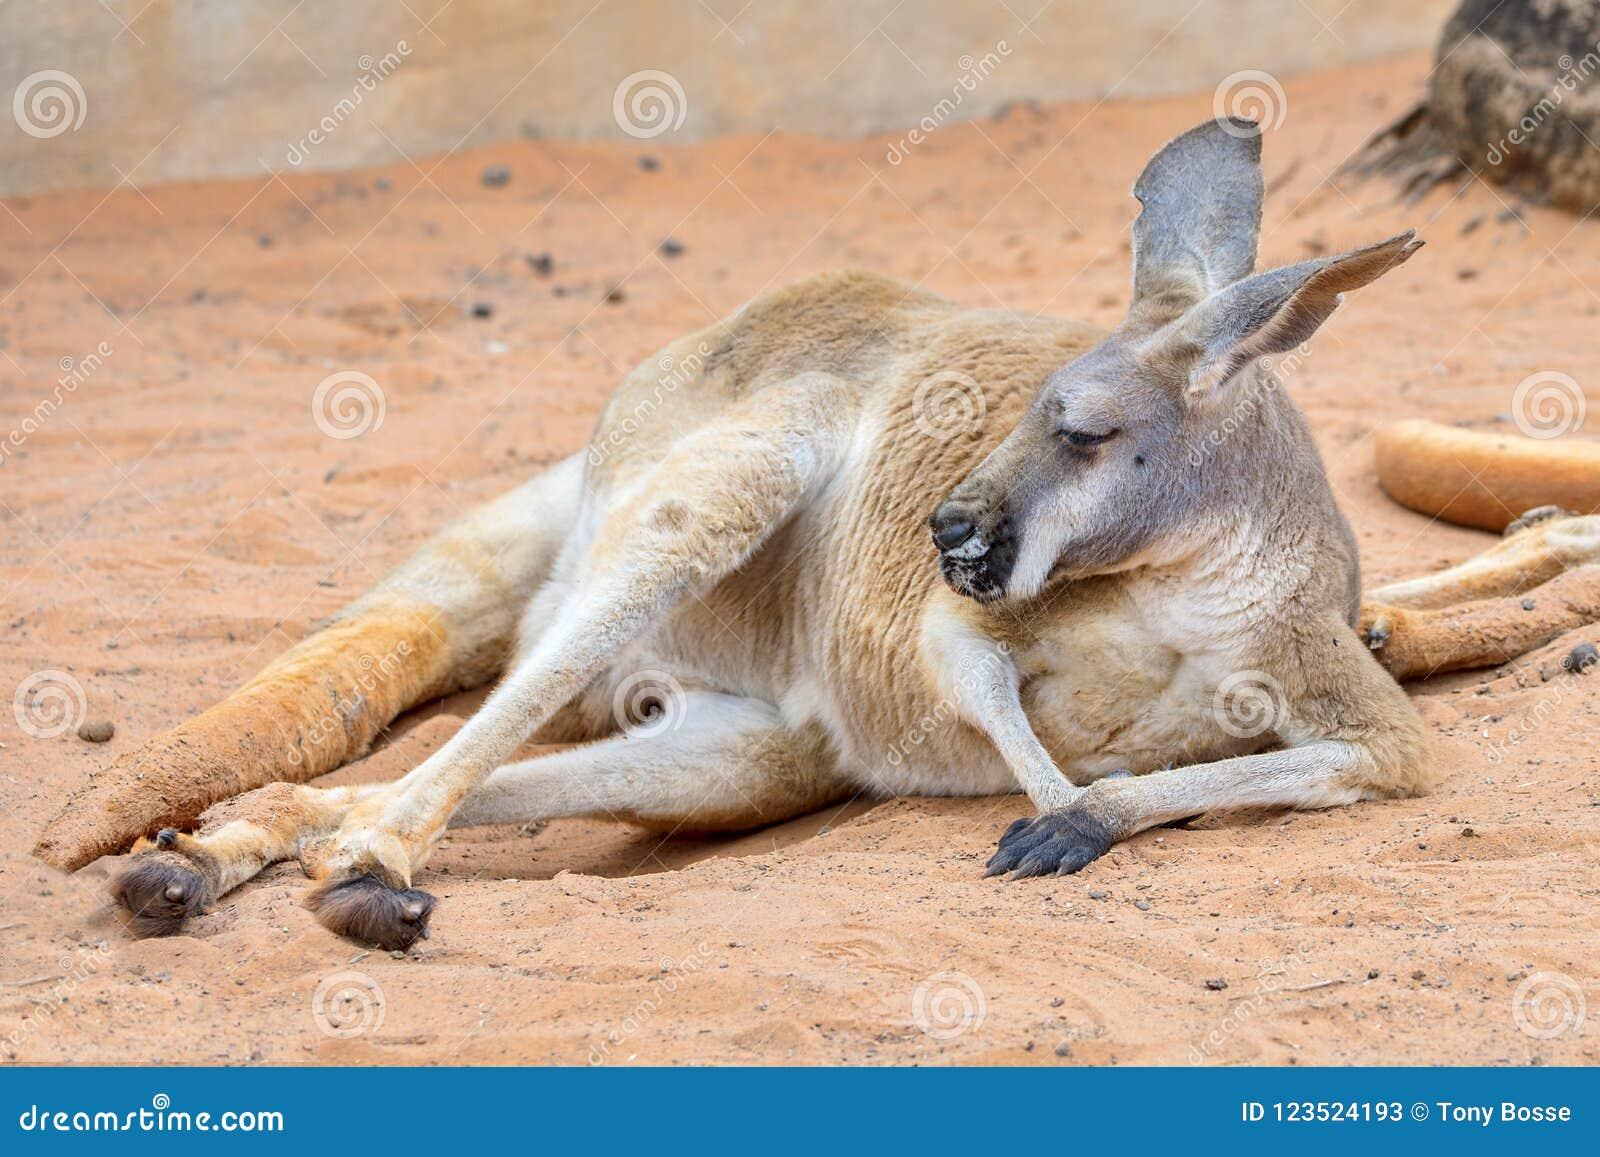 Canguru preguiçoso na areia